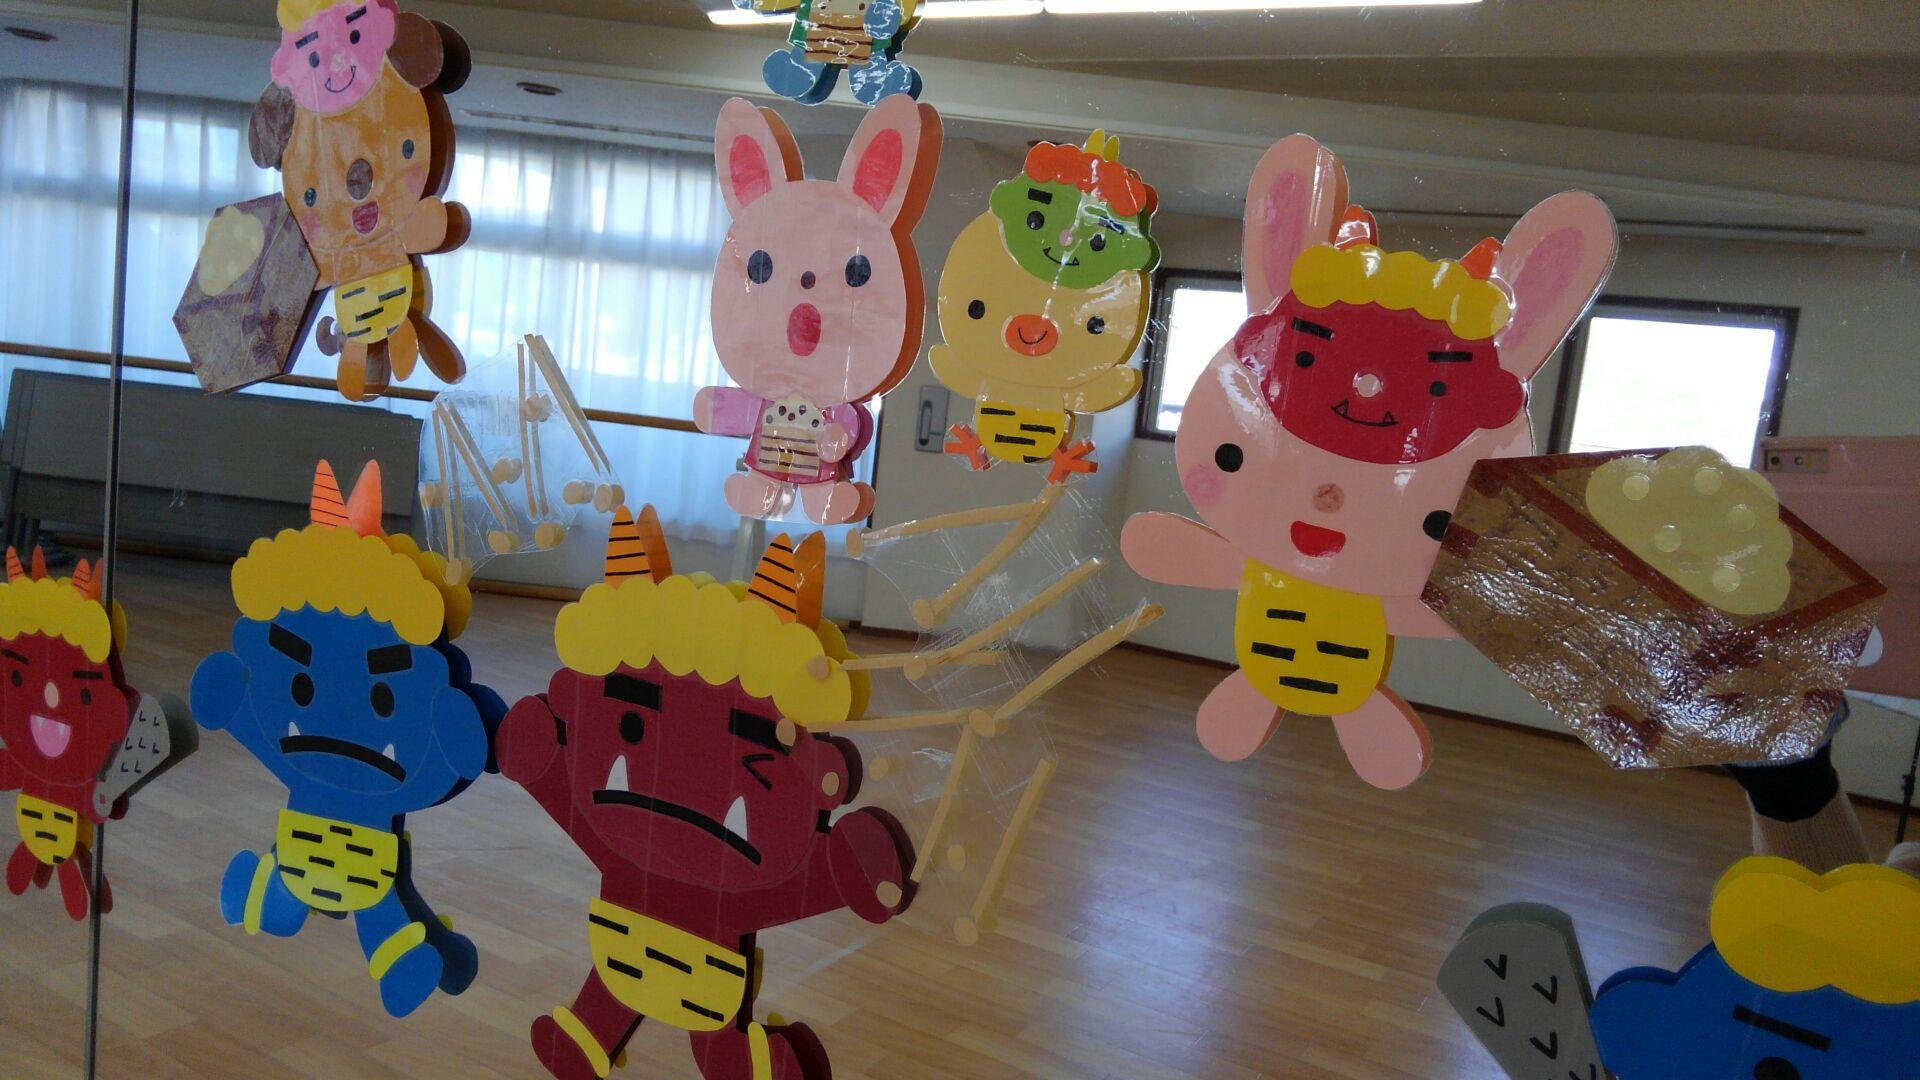 教室の壁面にある鏡にも節分をテーマにしたイラストが。動物さん達が鬼さんに向かって豆まきをしています。